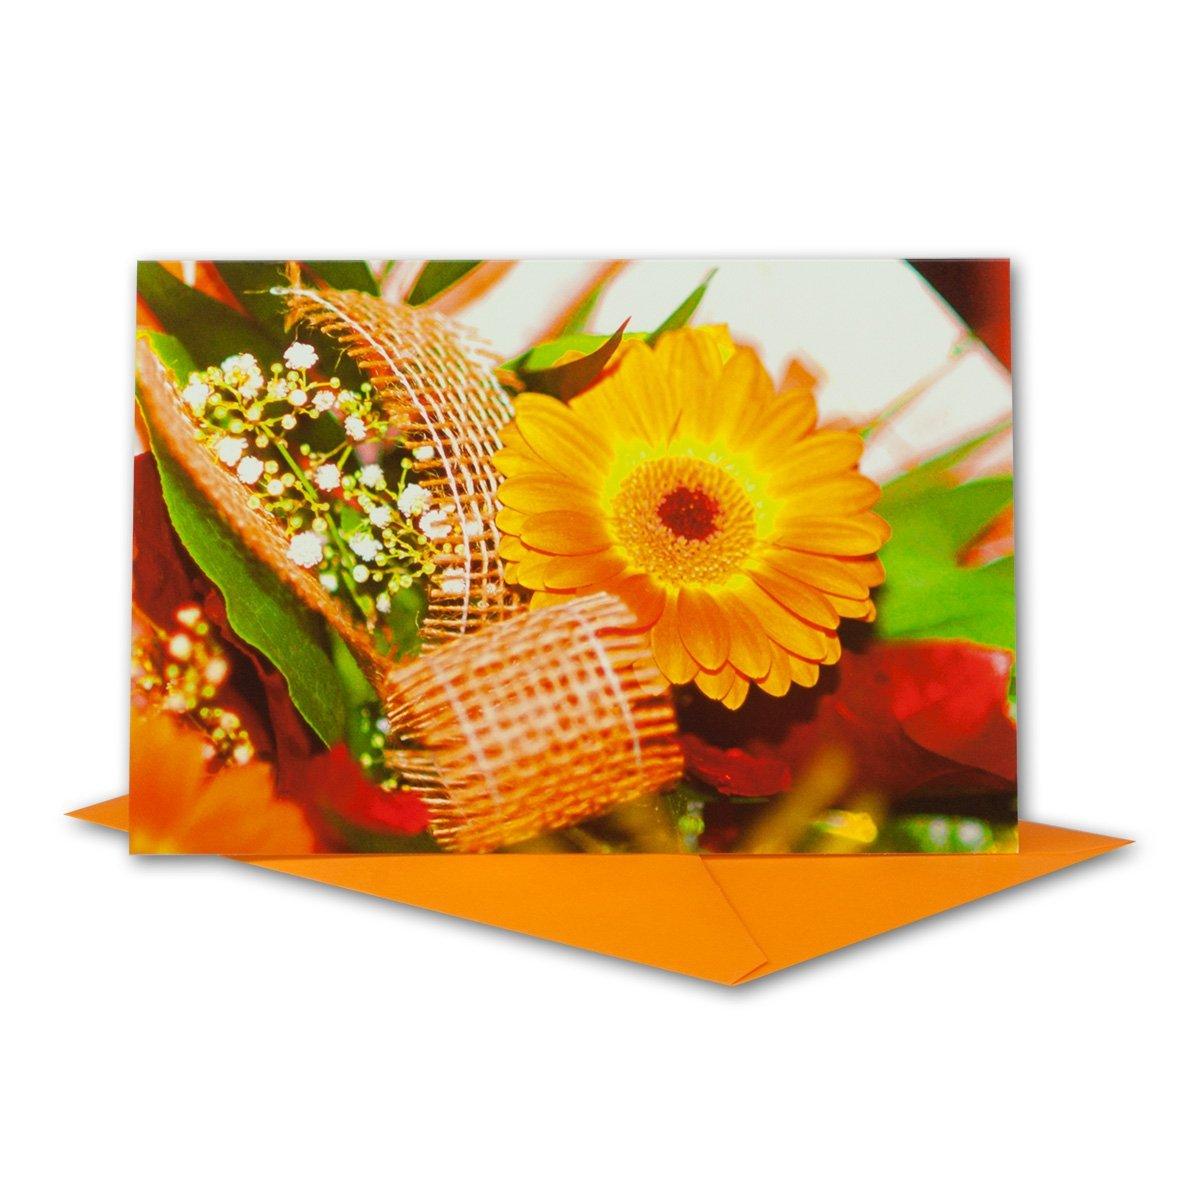 Glückwunschkarten Set I Orange Gerbera mit Schleife & & & Orange Umschlag I 80 Stück I B6 17 ,0 x 11,5 cm I klappbare Grußkarte für jeden Anlass I ob Geburt I Taufe I Kommunion oder Hochzeit - Geburtstagskarte B072HMNBCZ | Authentisch  4dedfa